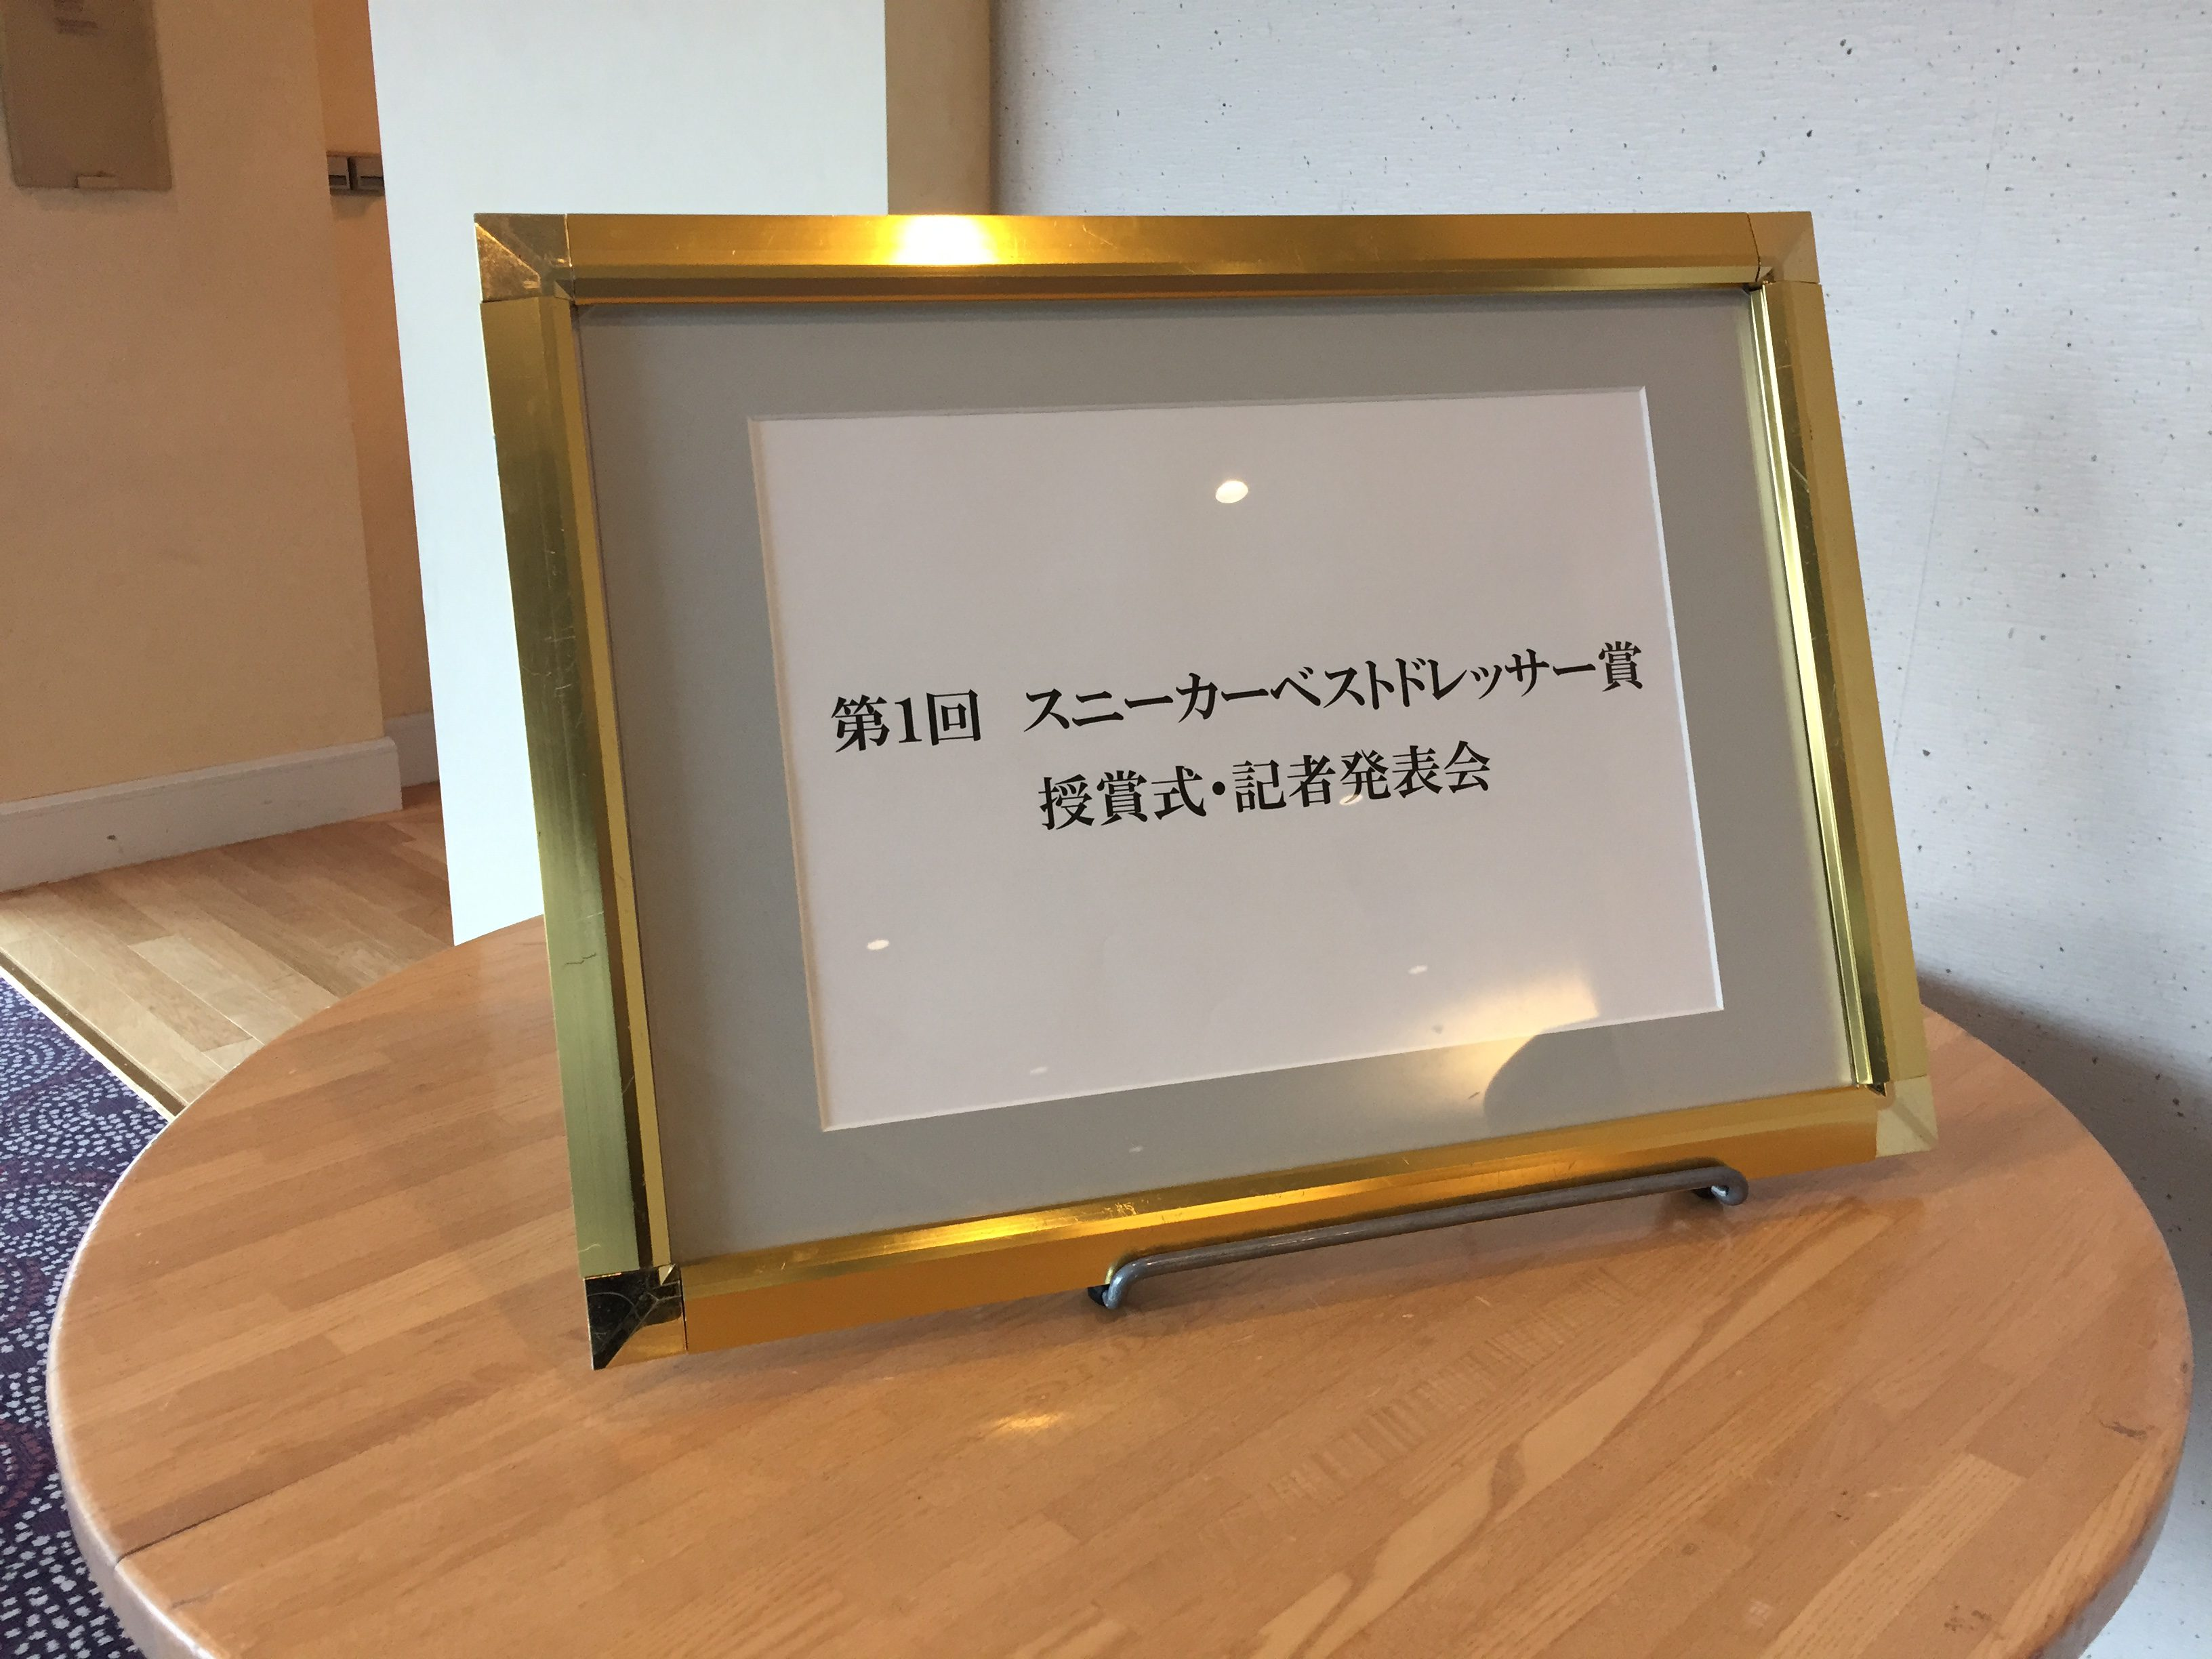 第一回スニーカーベストドレッサー賞 授賞式/記者発表会